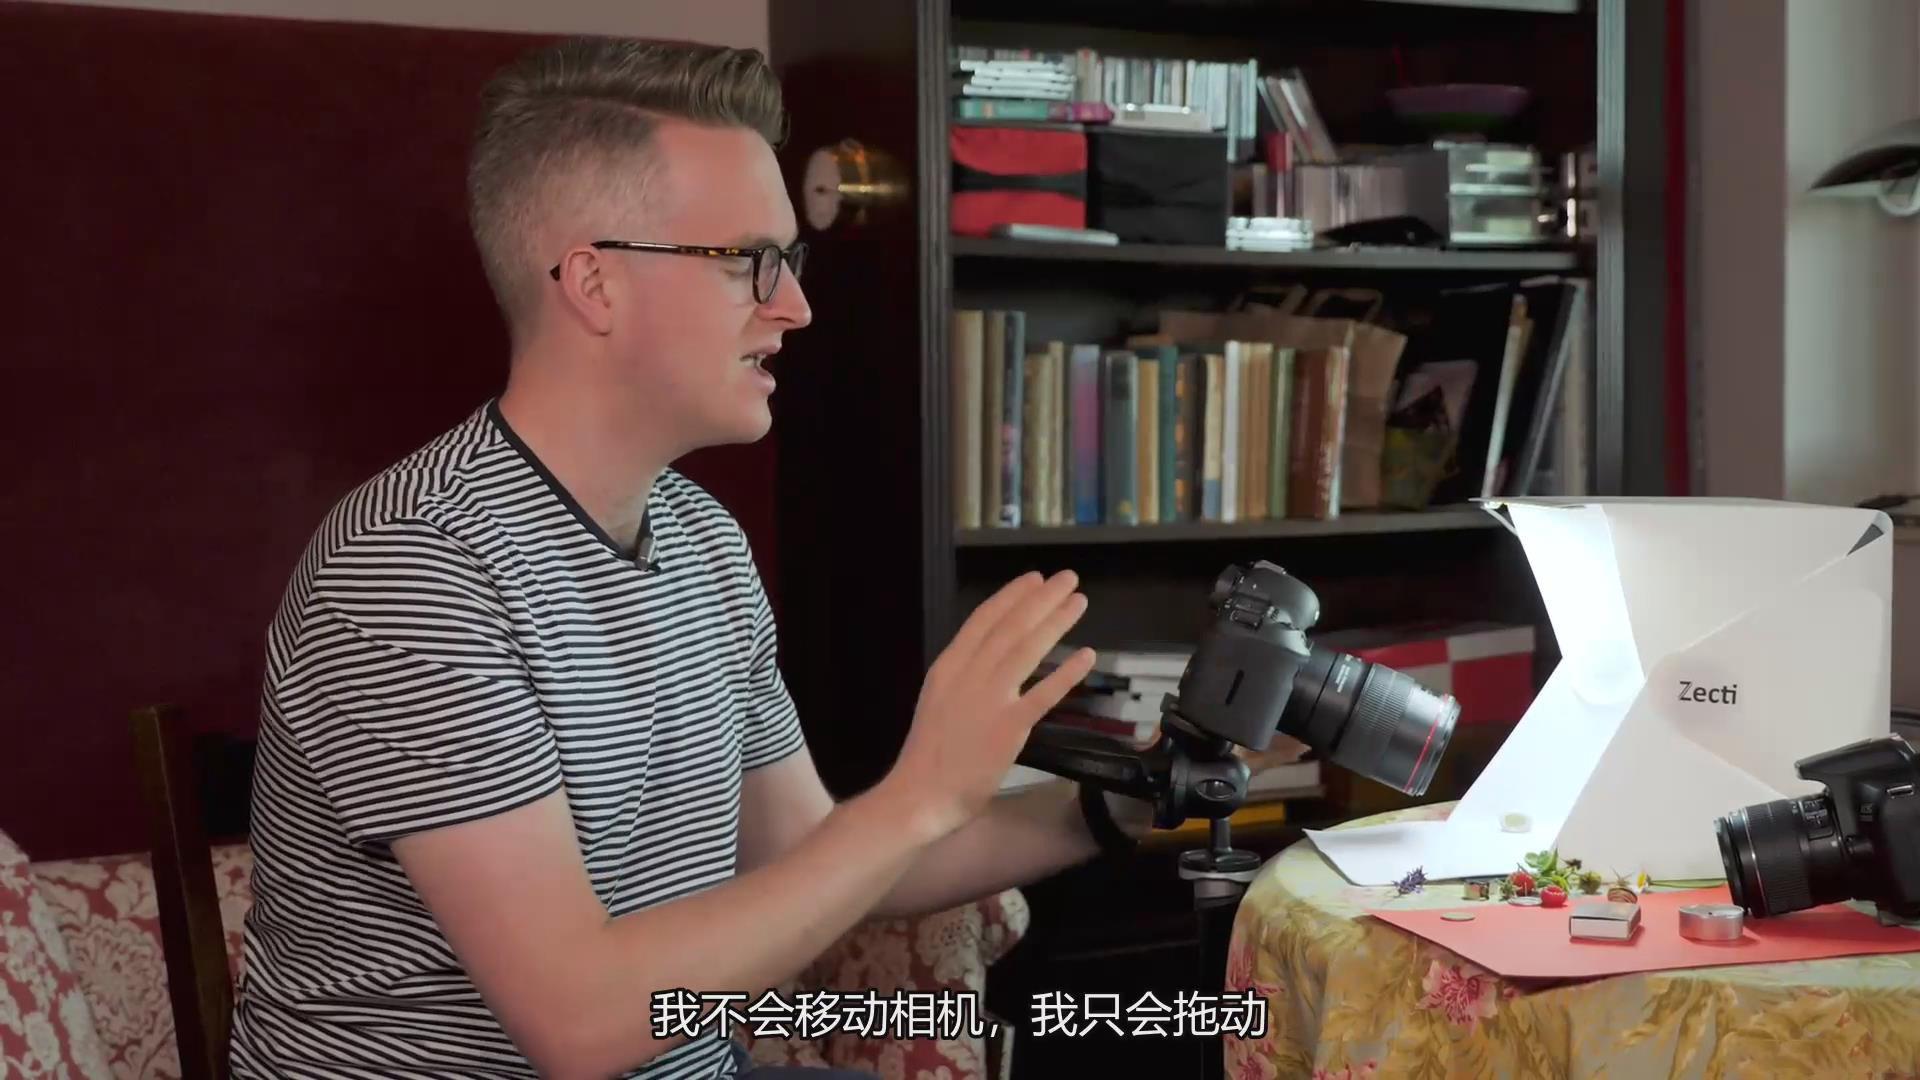 摄影教程_JOSHUA DUNLOP-30天创意摄影产品项目视频课程-中文字幕 摄影教程 _预览图4